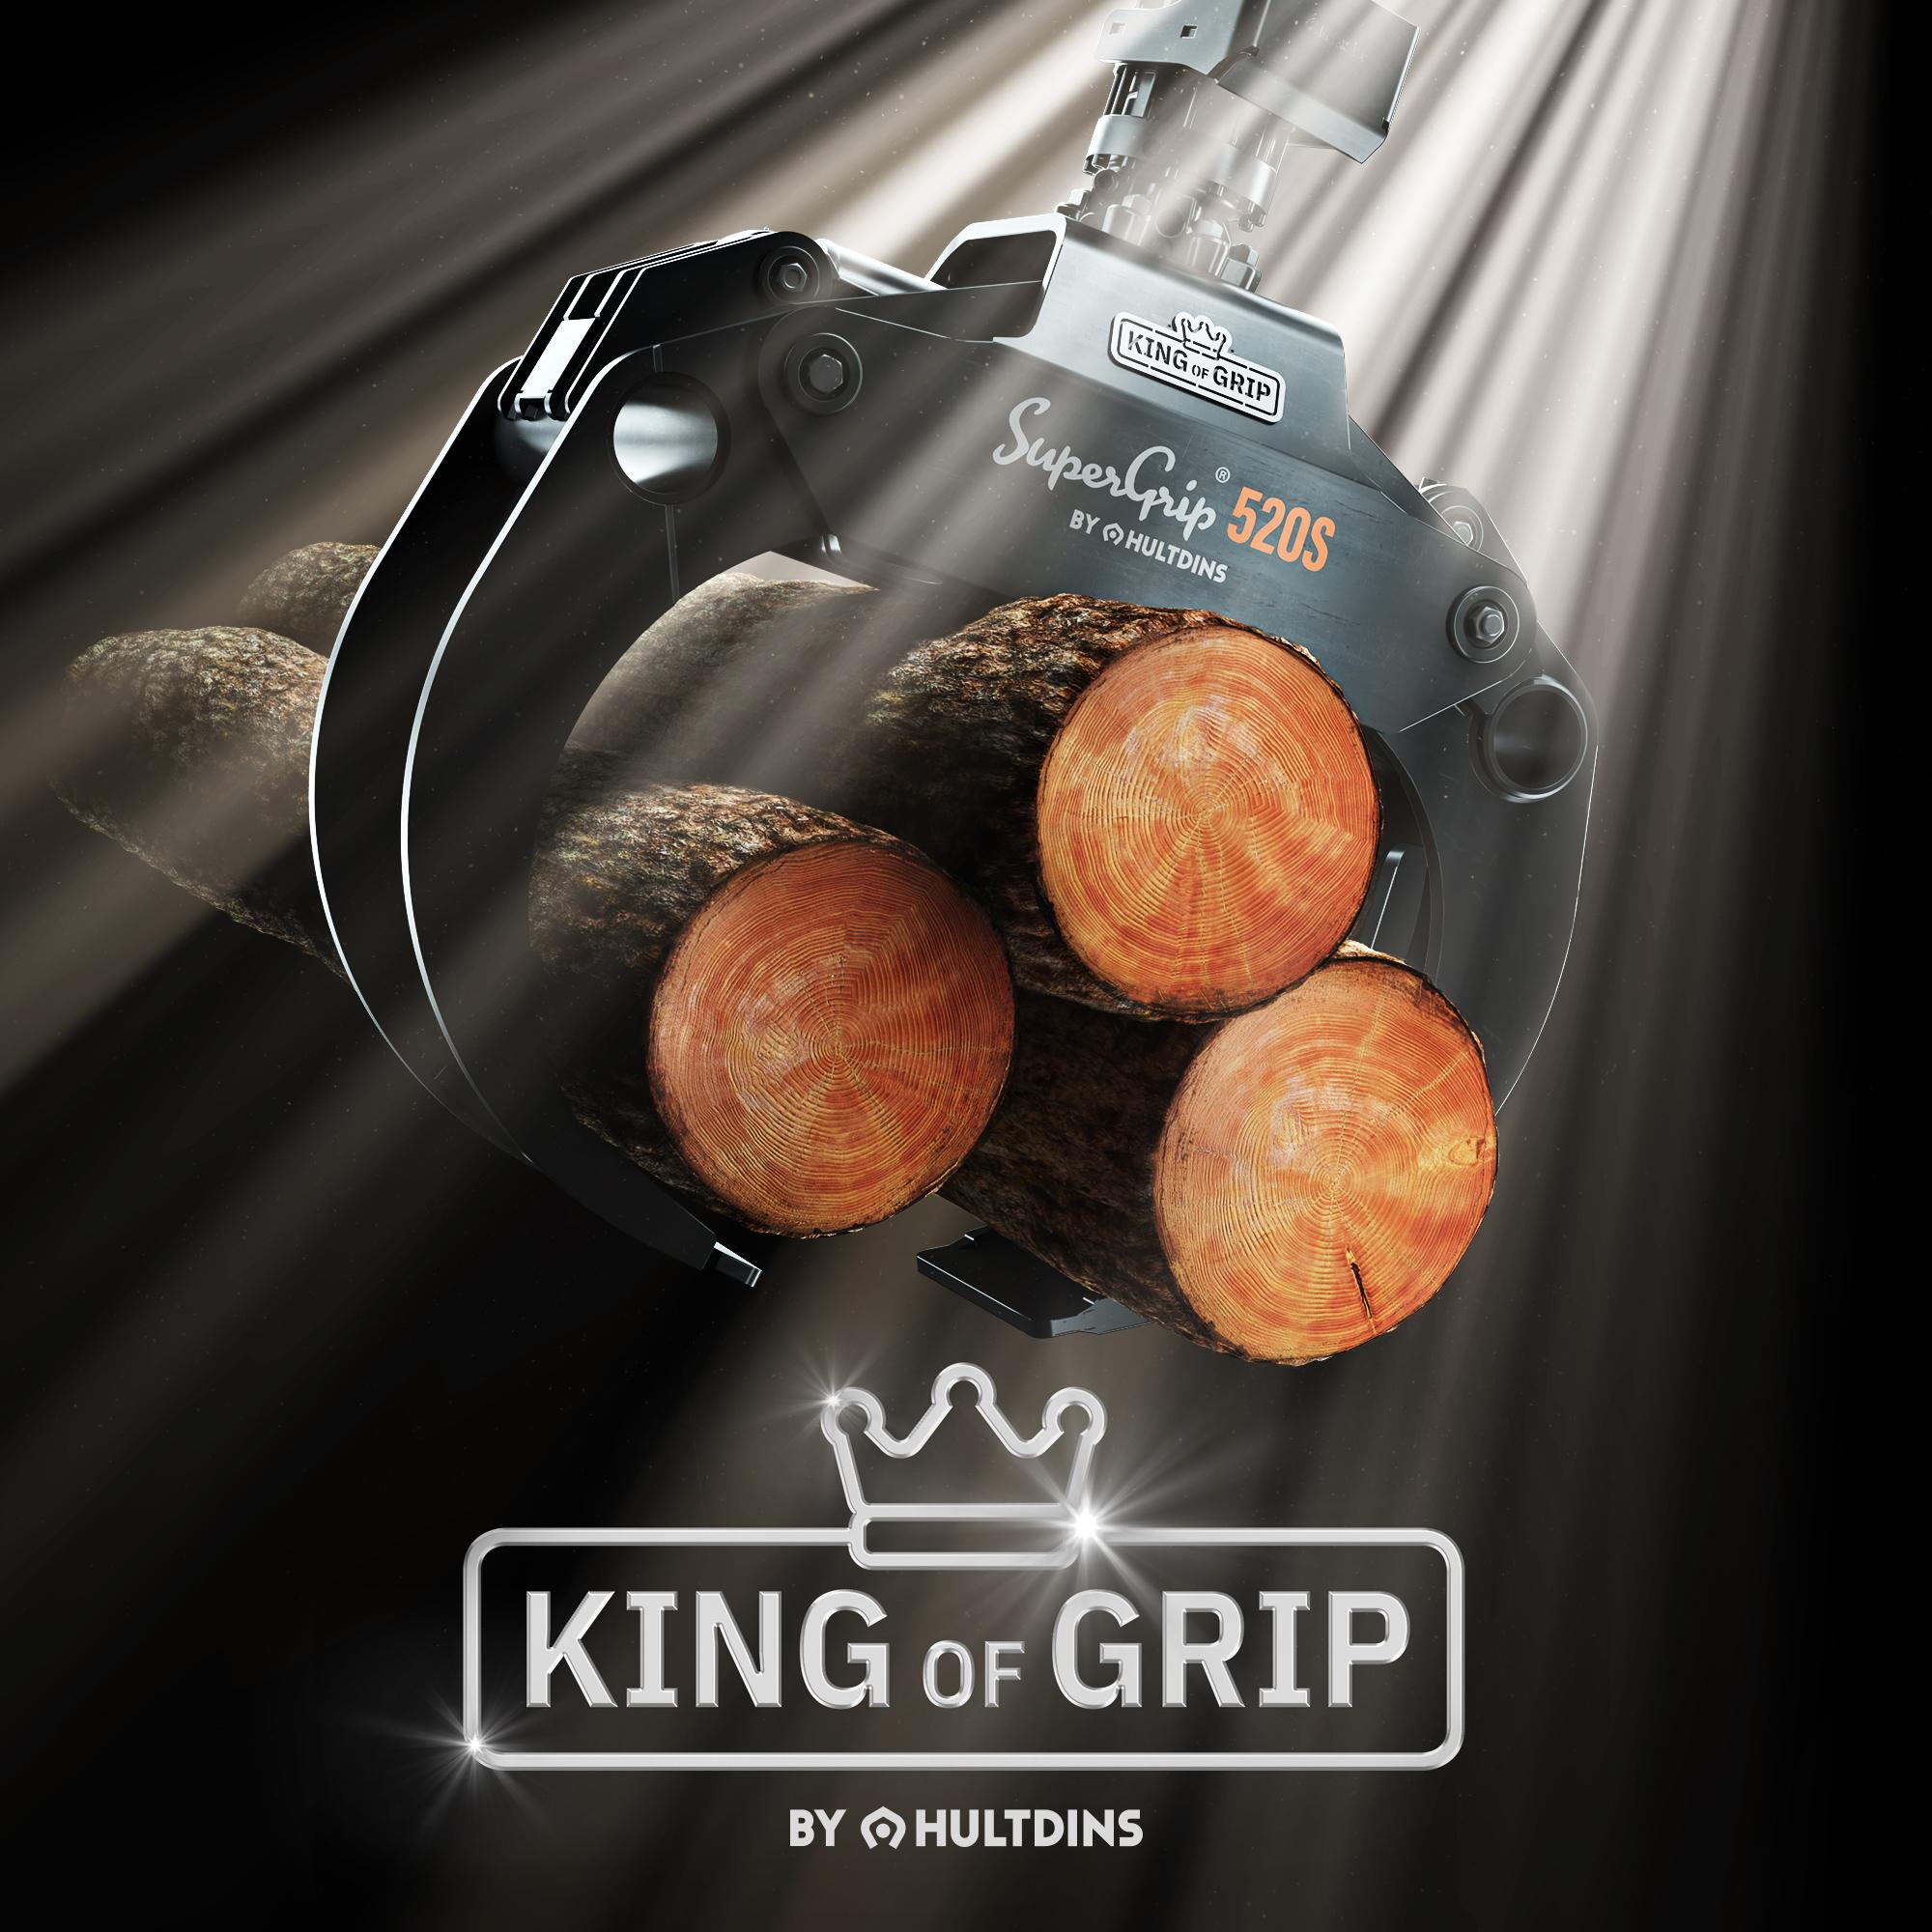 der-stärkste-und-robusteste-rundholzgreifer-von-hultdins-für-den-schweren-einsatz-hultdins-king-of-grip